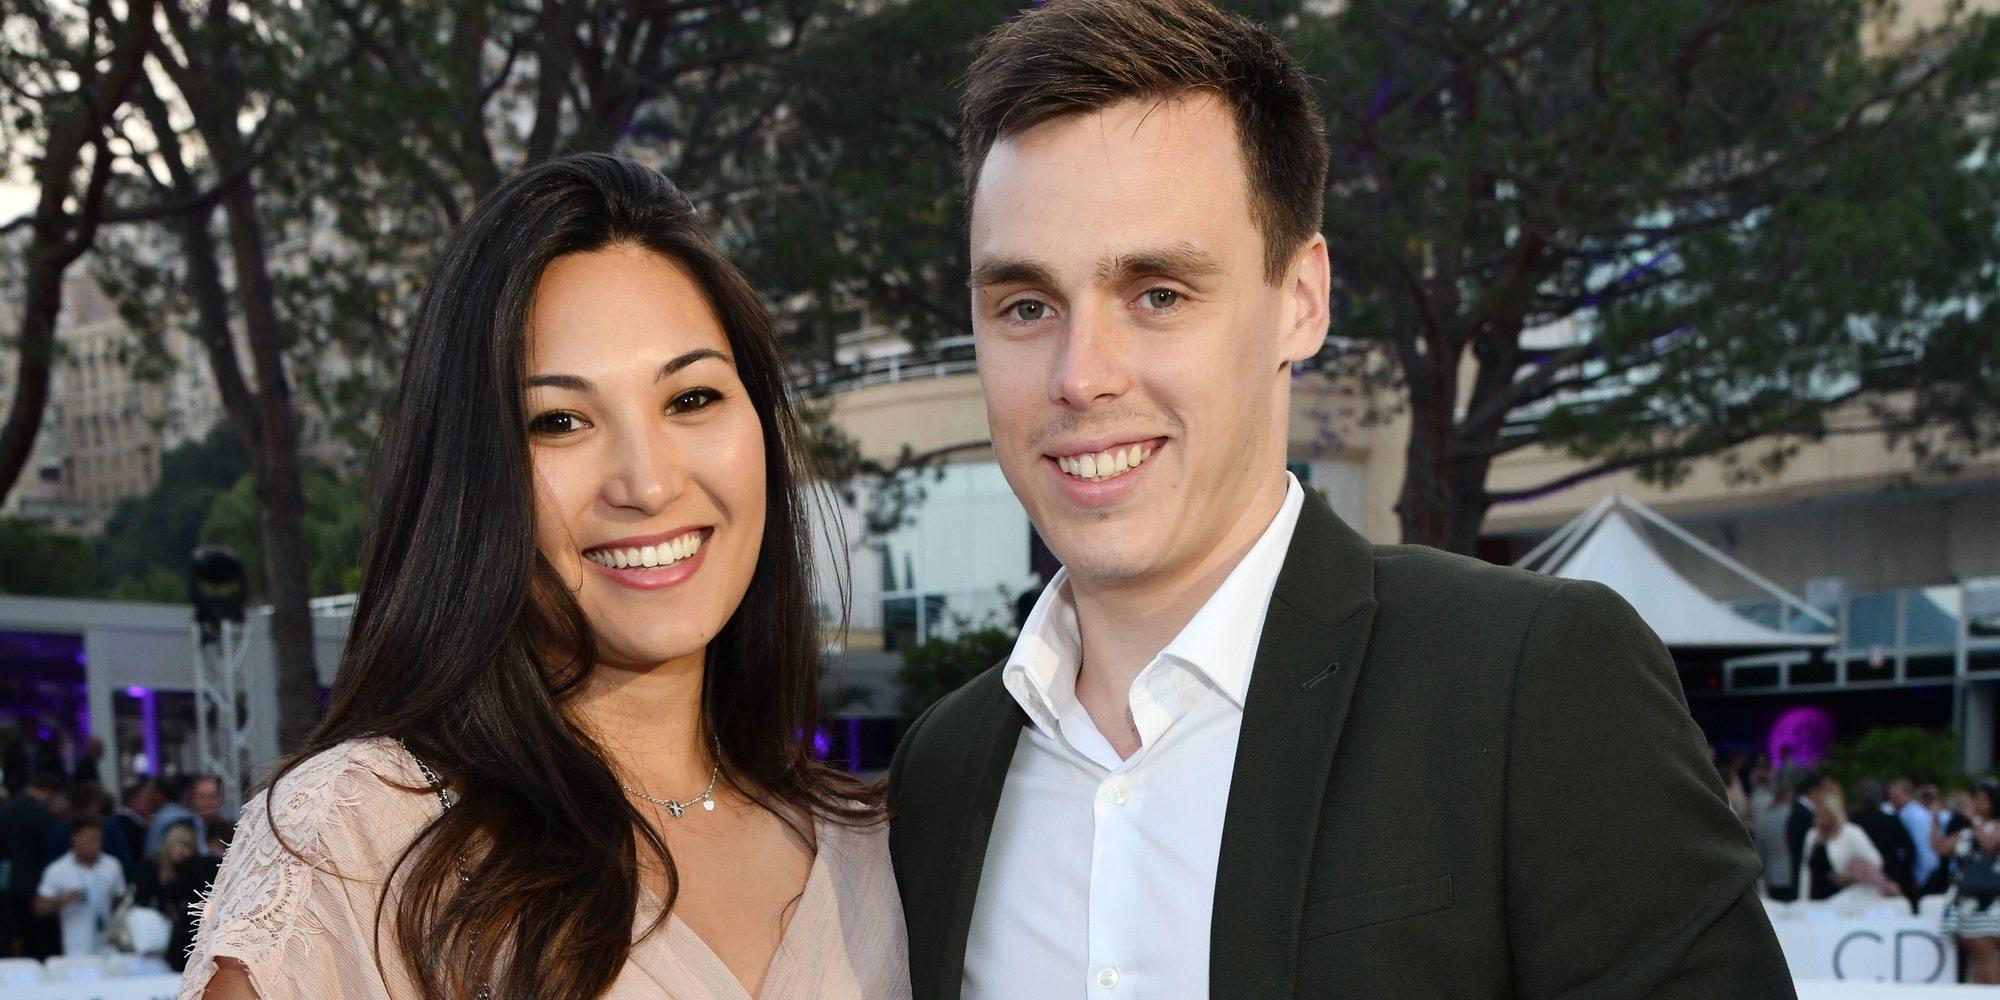 Louis Ducruet y Marie Chevallier desvelan el sorprendente lugar en el que se casarán